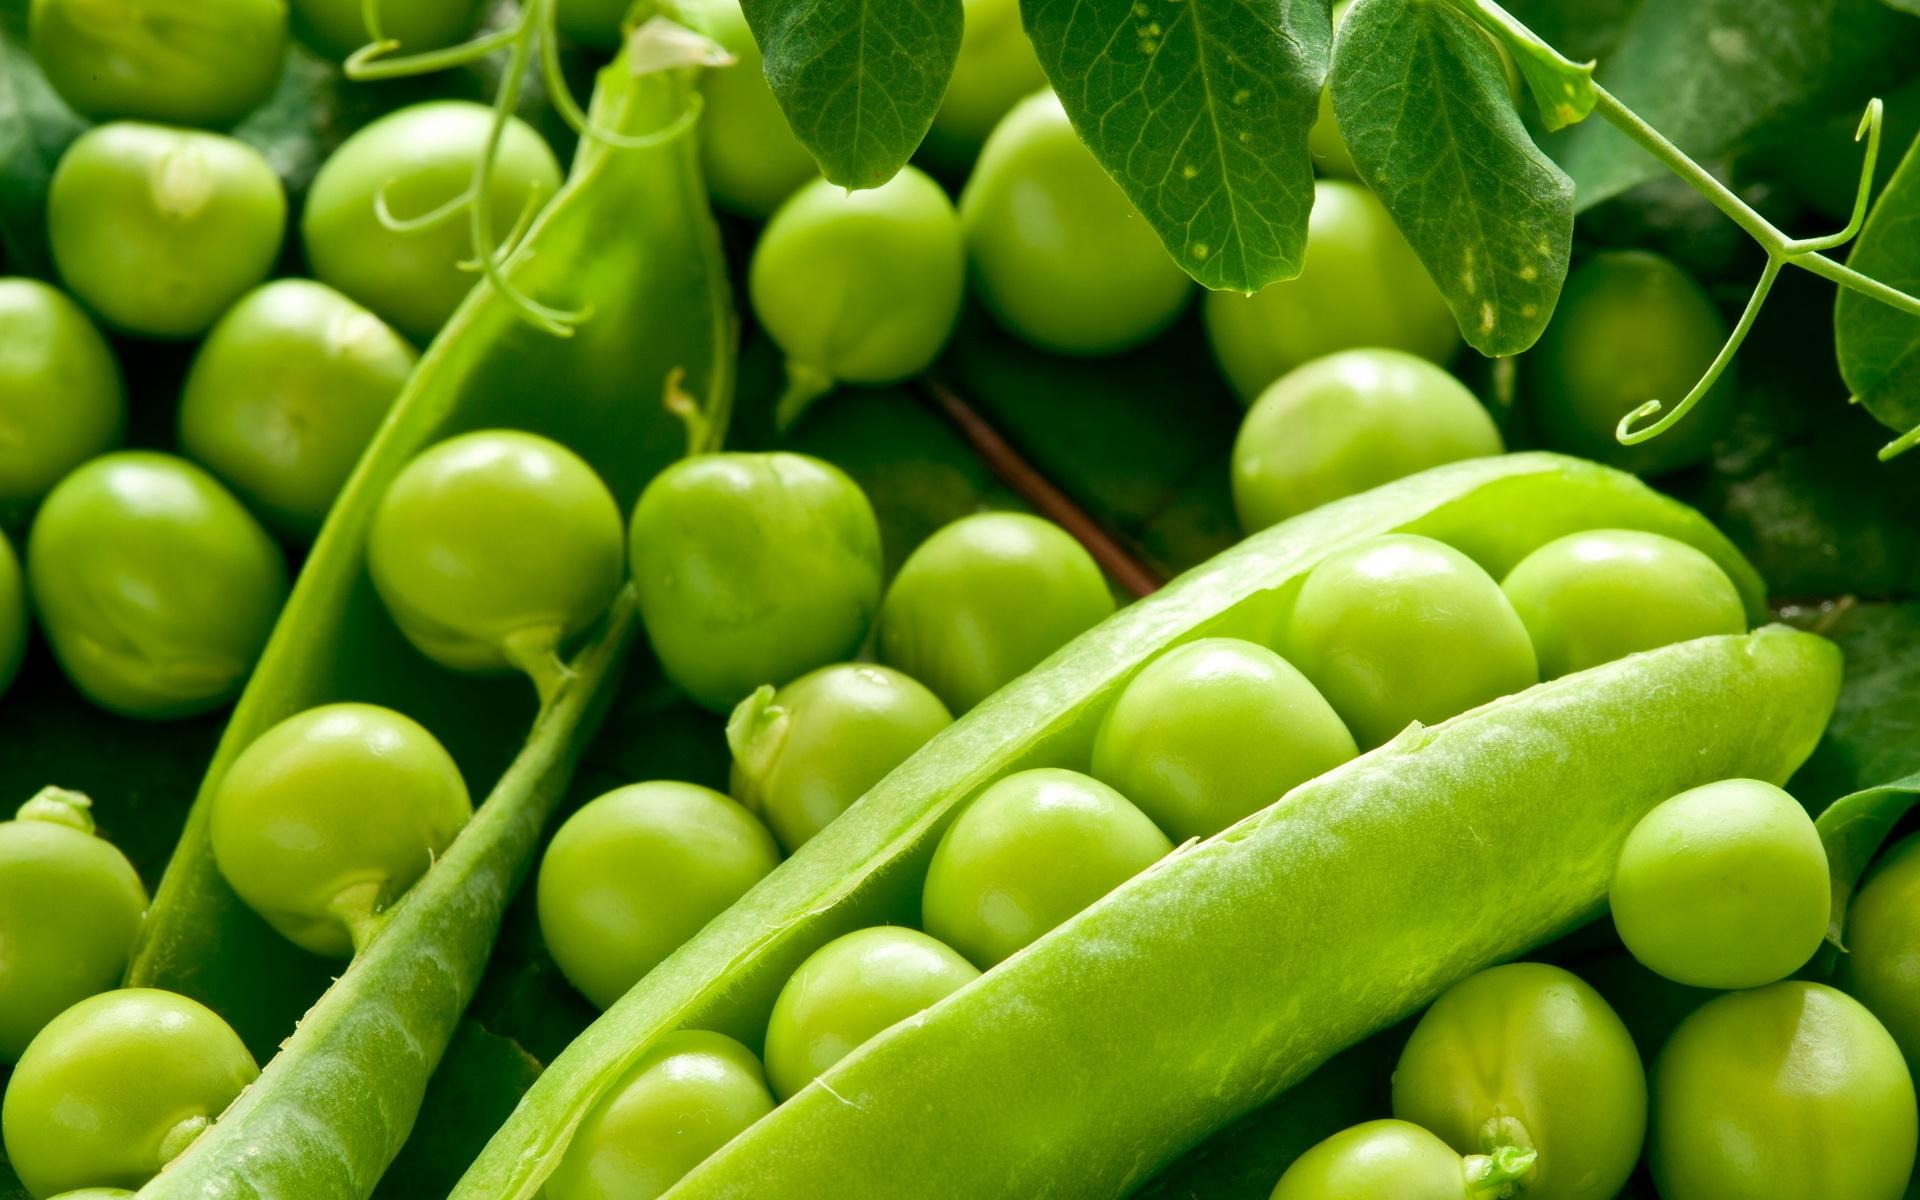 Coltivare Piselli In Vaso coltivazione piselli - coltivazione ortaggi - come coltivare